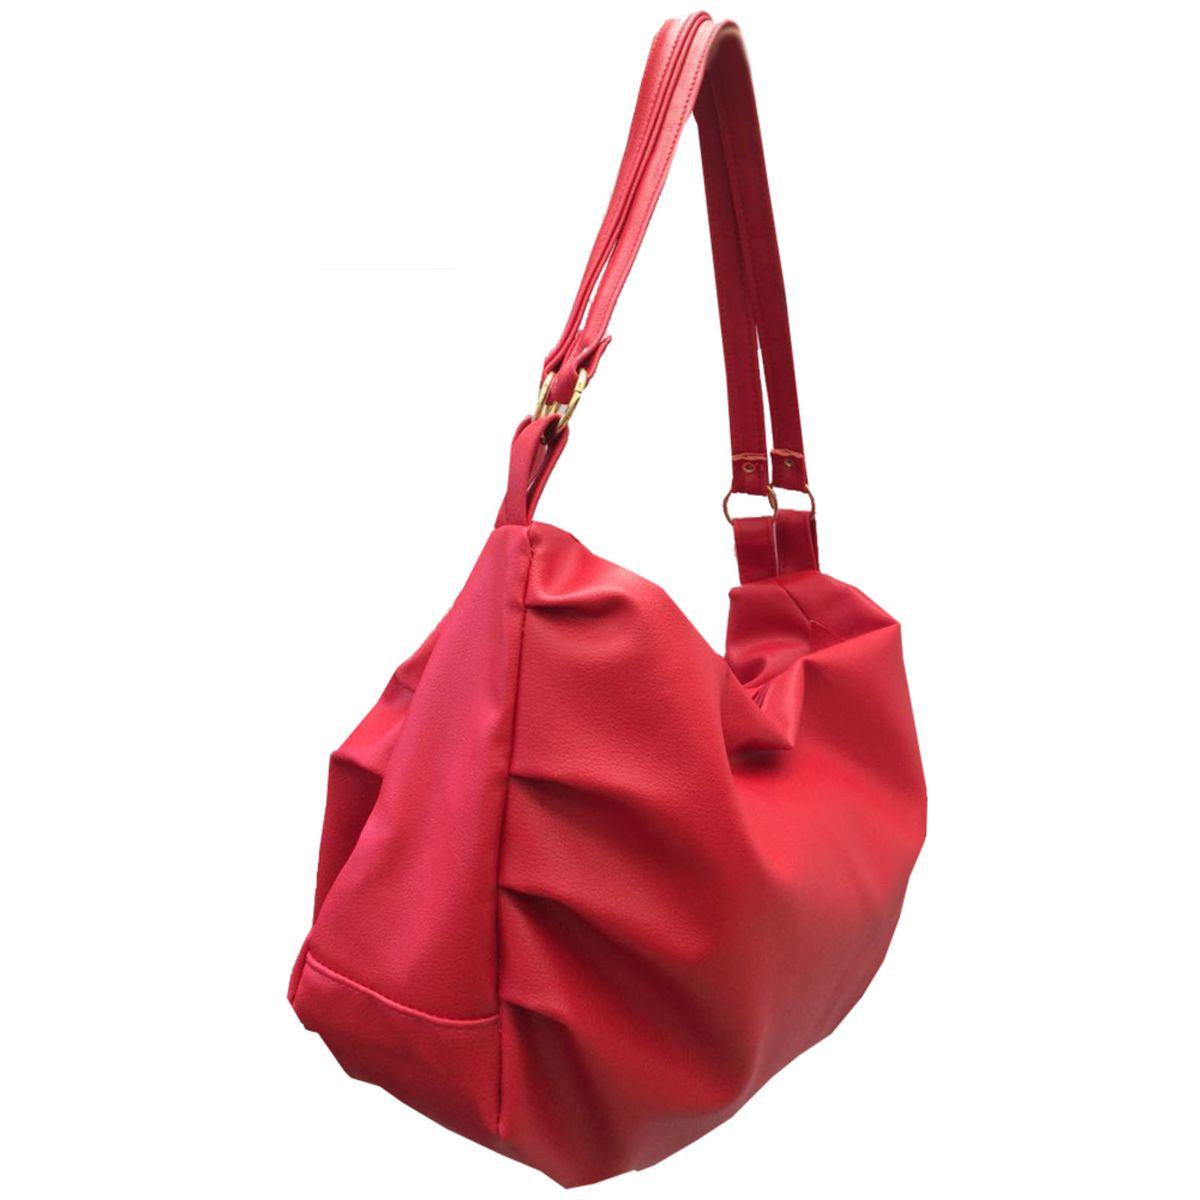 b55f48703 Bolsa Feminina Grande Transversal Couro Sintético Vermelho com 2 Alças    Bolsa de Ombro Feminina Meu Tio Que Fez Nunca Usado 30005299   enjoei